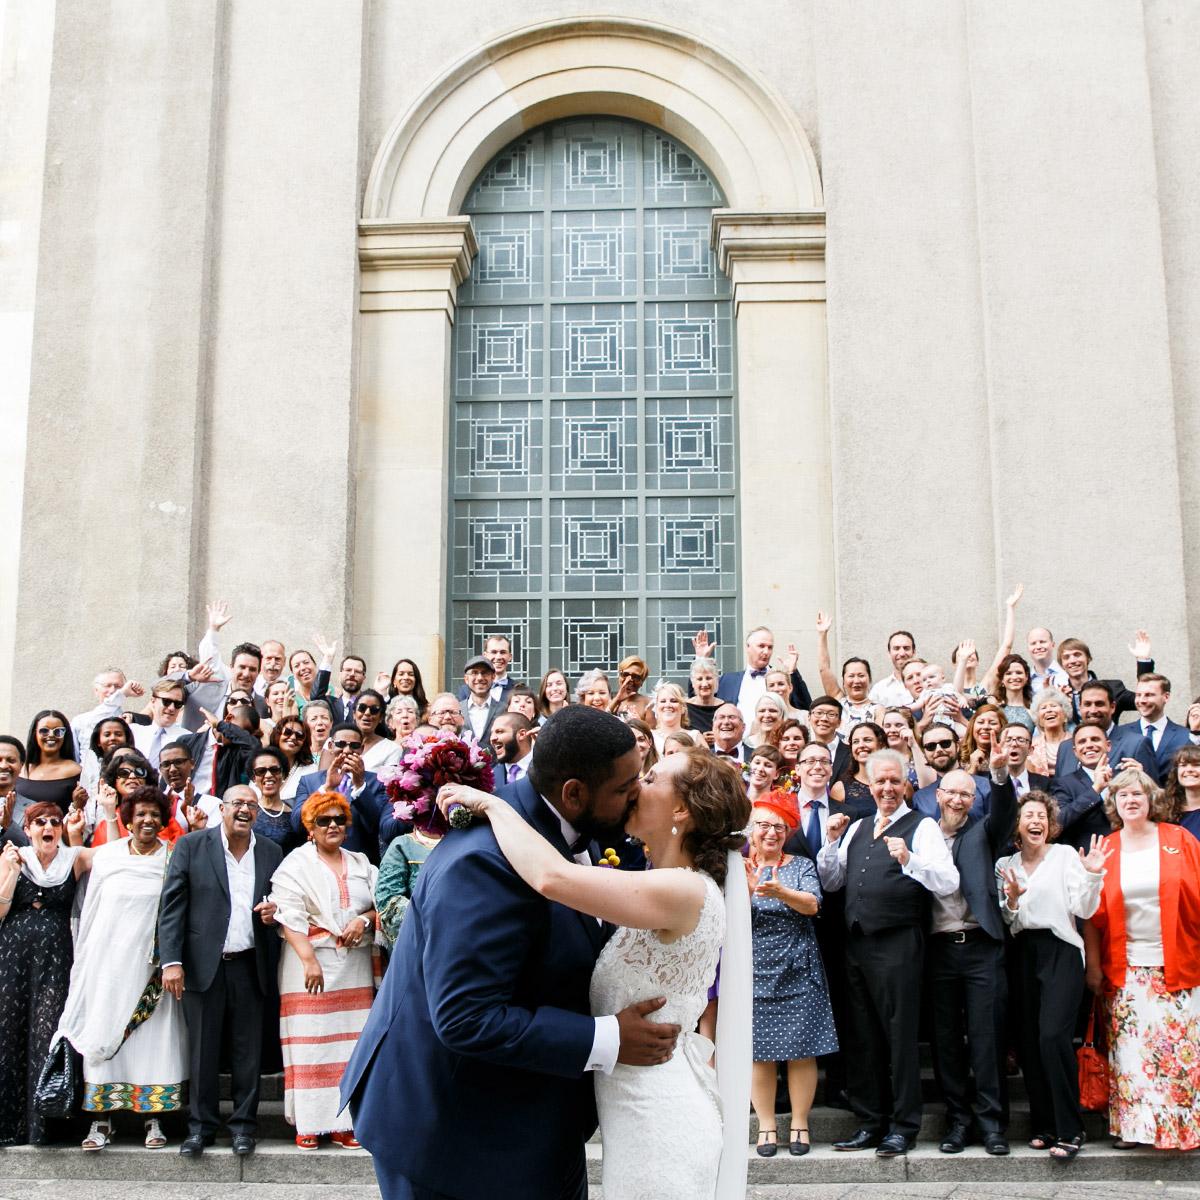 Gruppenfoto bei internationaler Berlin-Hochzeit - Hotel de Rome Berlin Hochzeitsfotograf © www.hochzeitslicht.de